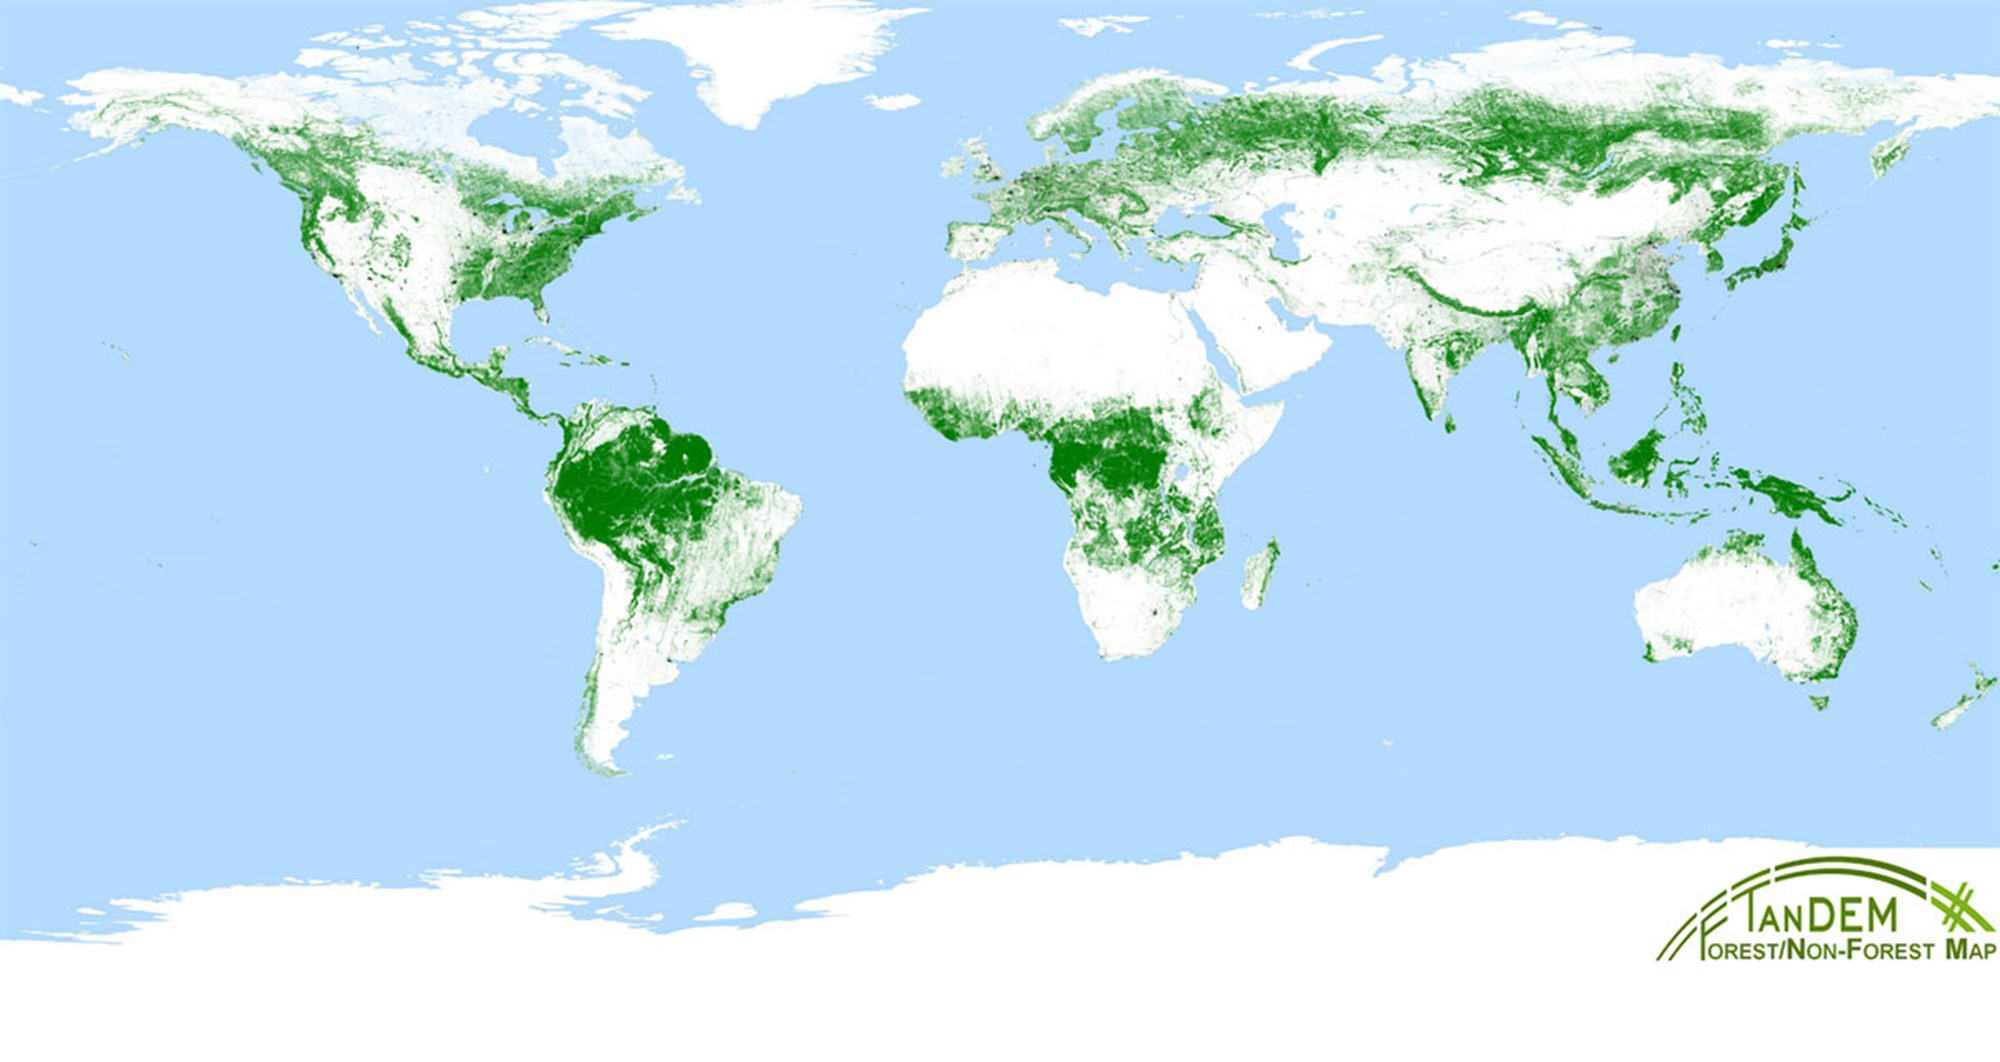 Erstmals einheitlicher Überblick über die verbliebenen Wälder der Erde – derStandard.at